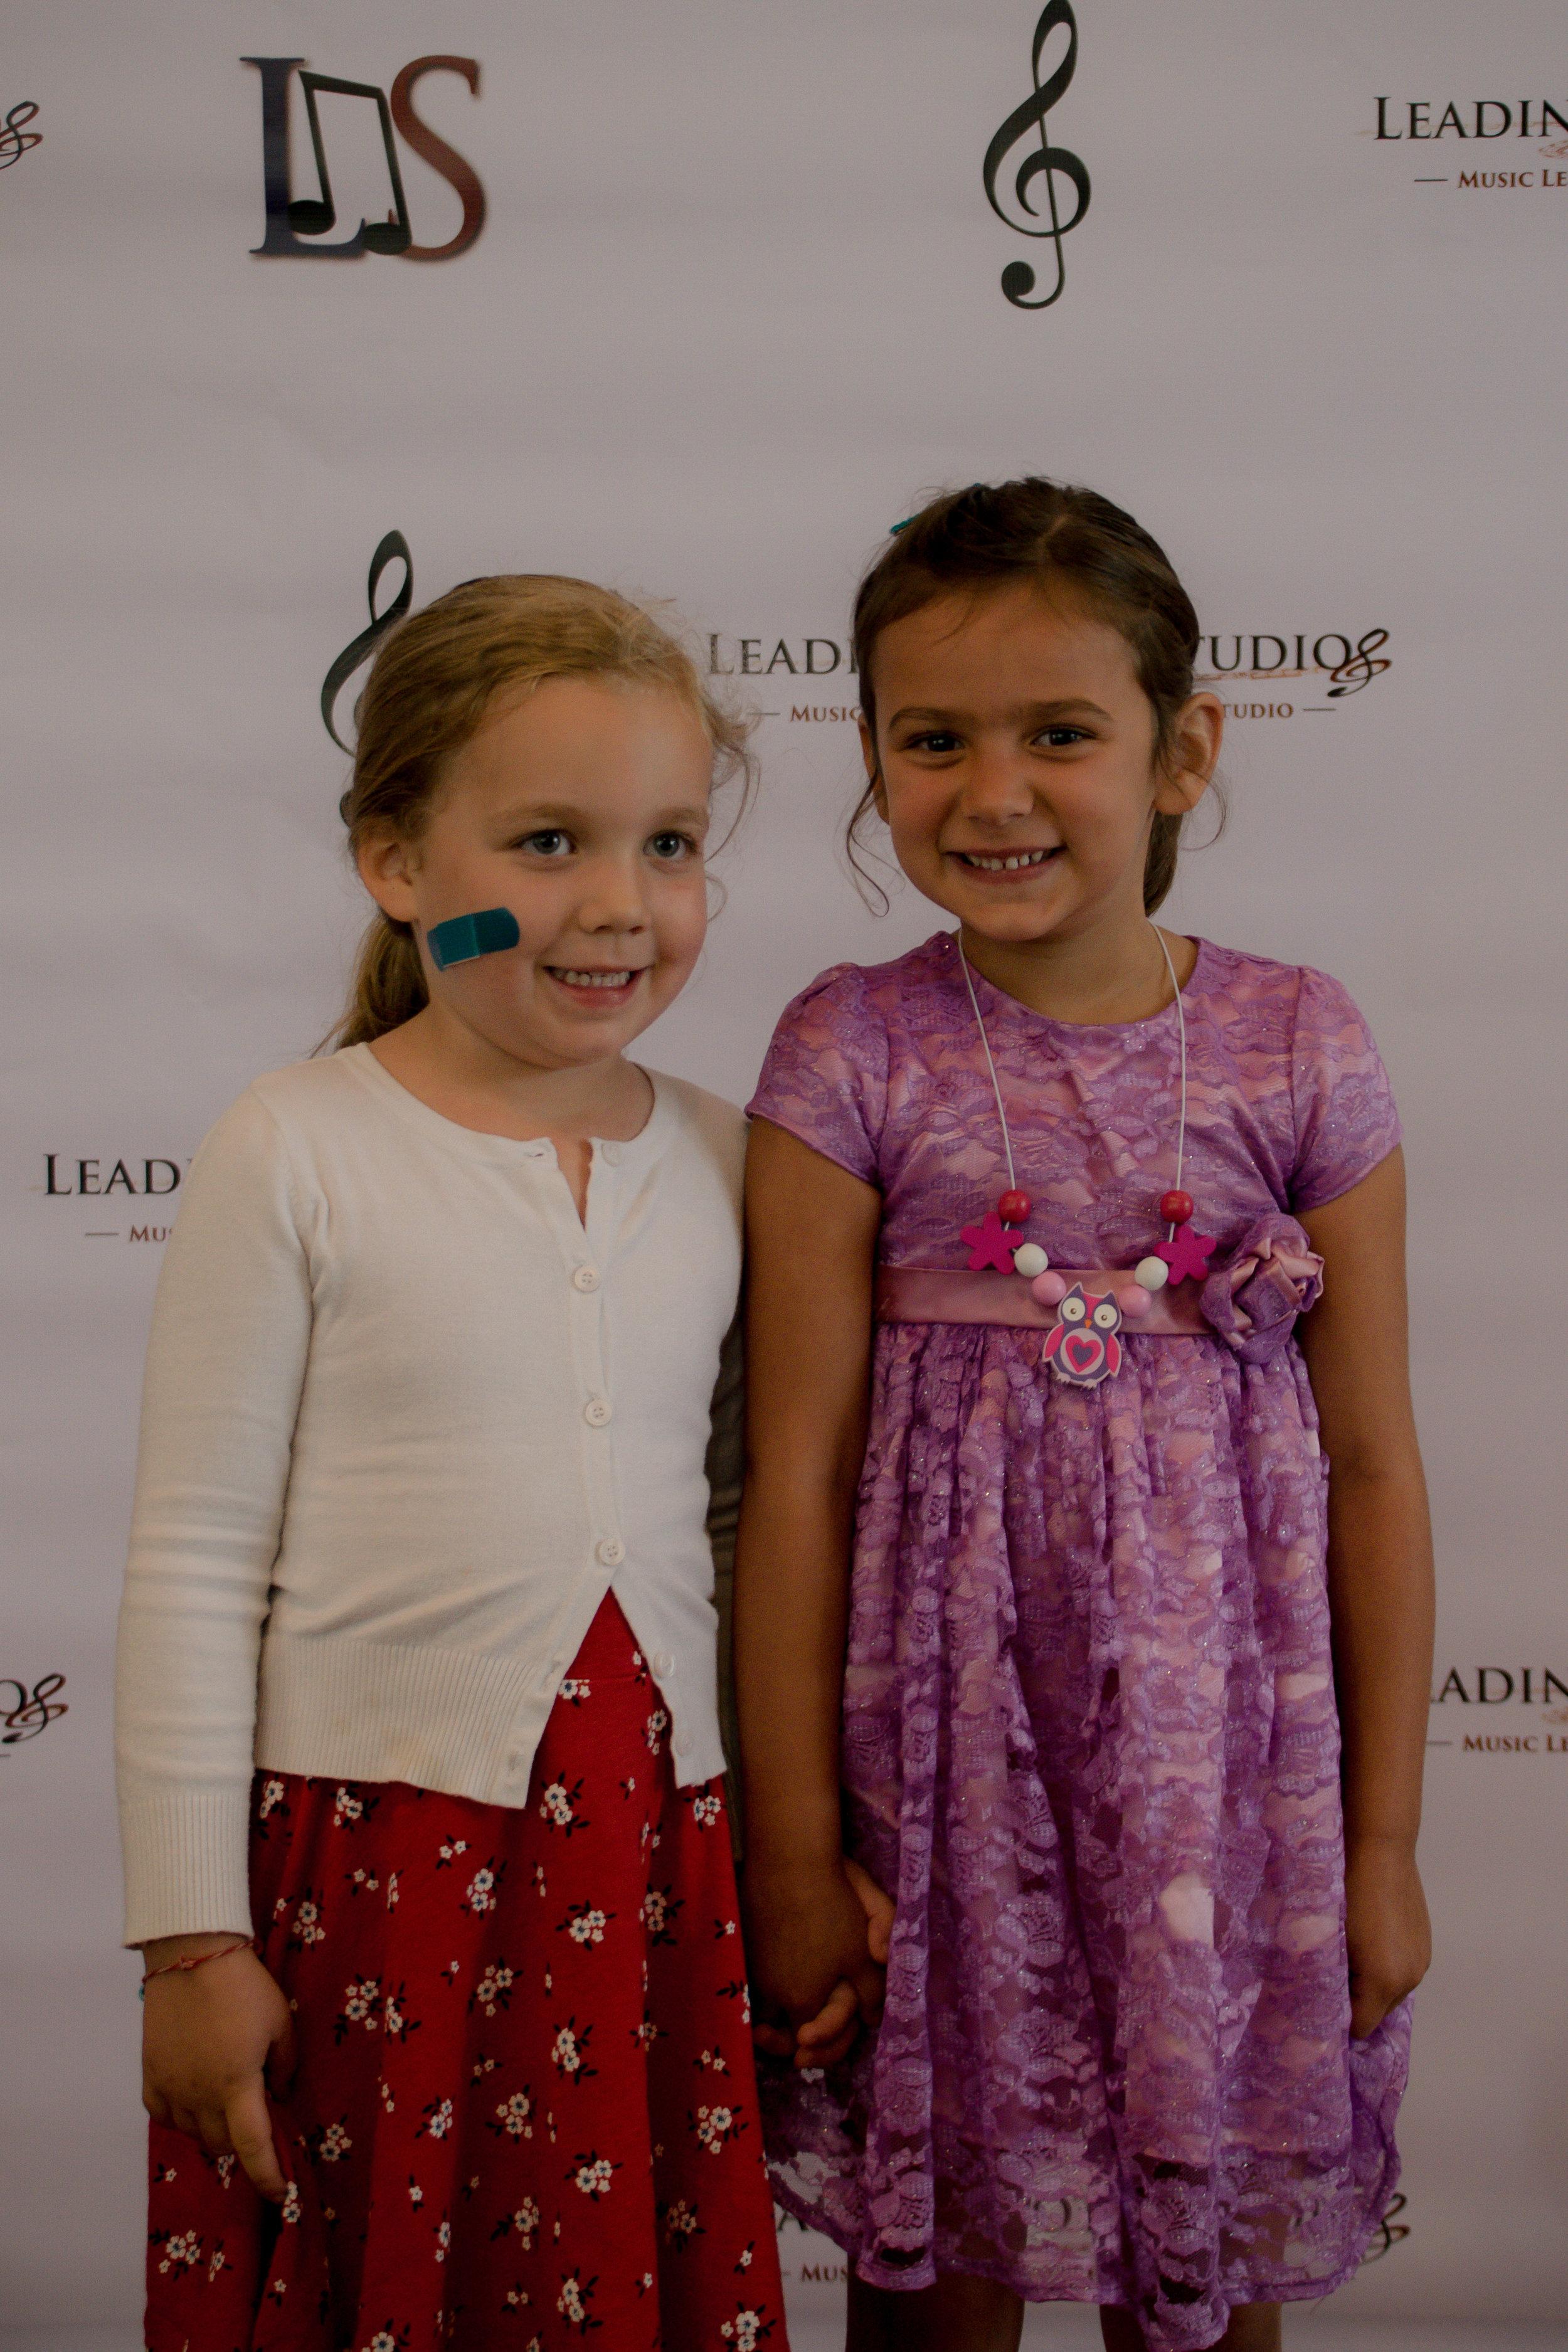 Madeline Peyer & Friend